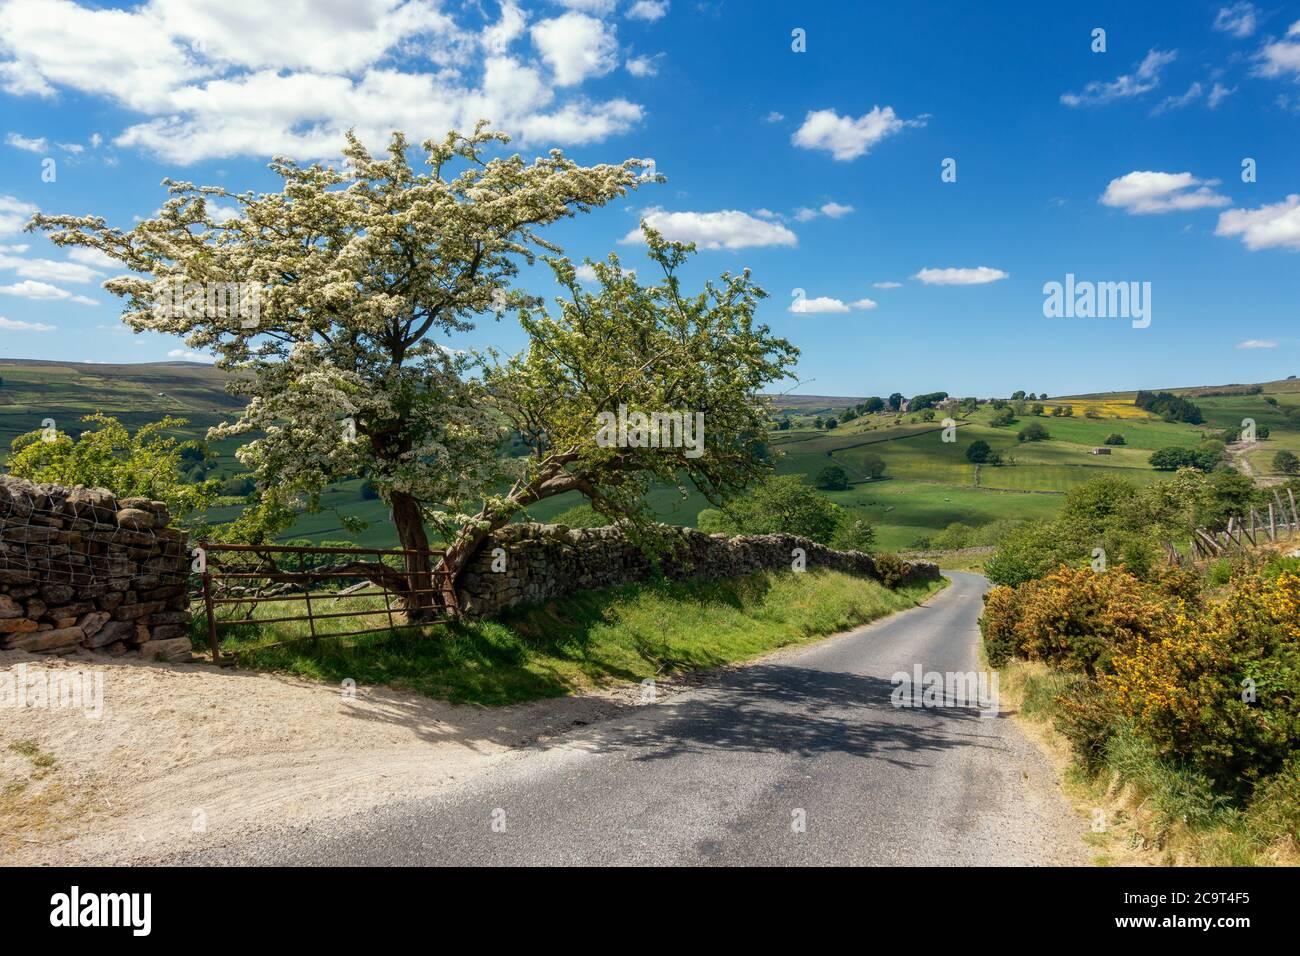 Mirando hacia abajo Colina trampa en Nidderdale con un impresionante árbol de espino en flor y a través de la aldea de Middlesmoor, Yorkshire del Norte, Inglaterra, u Foto de stock